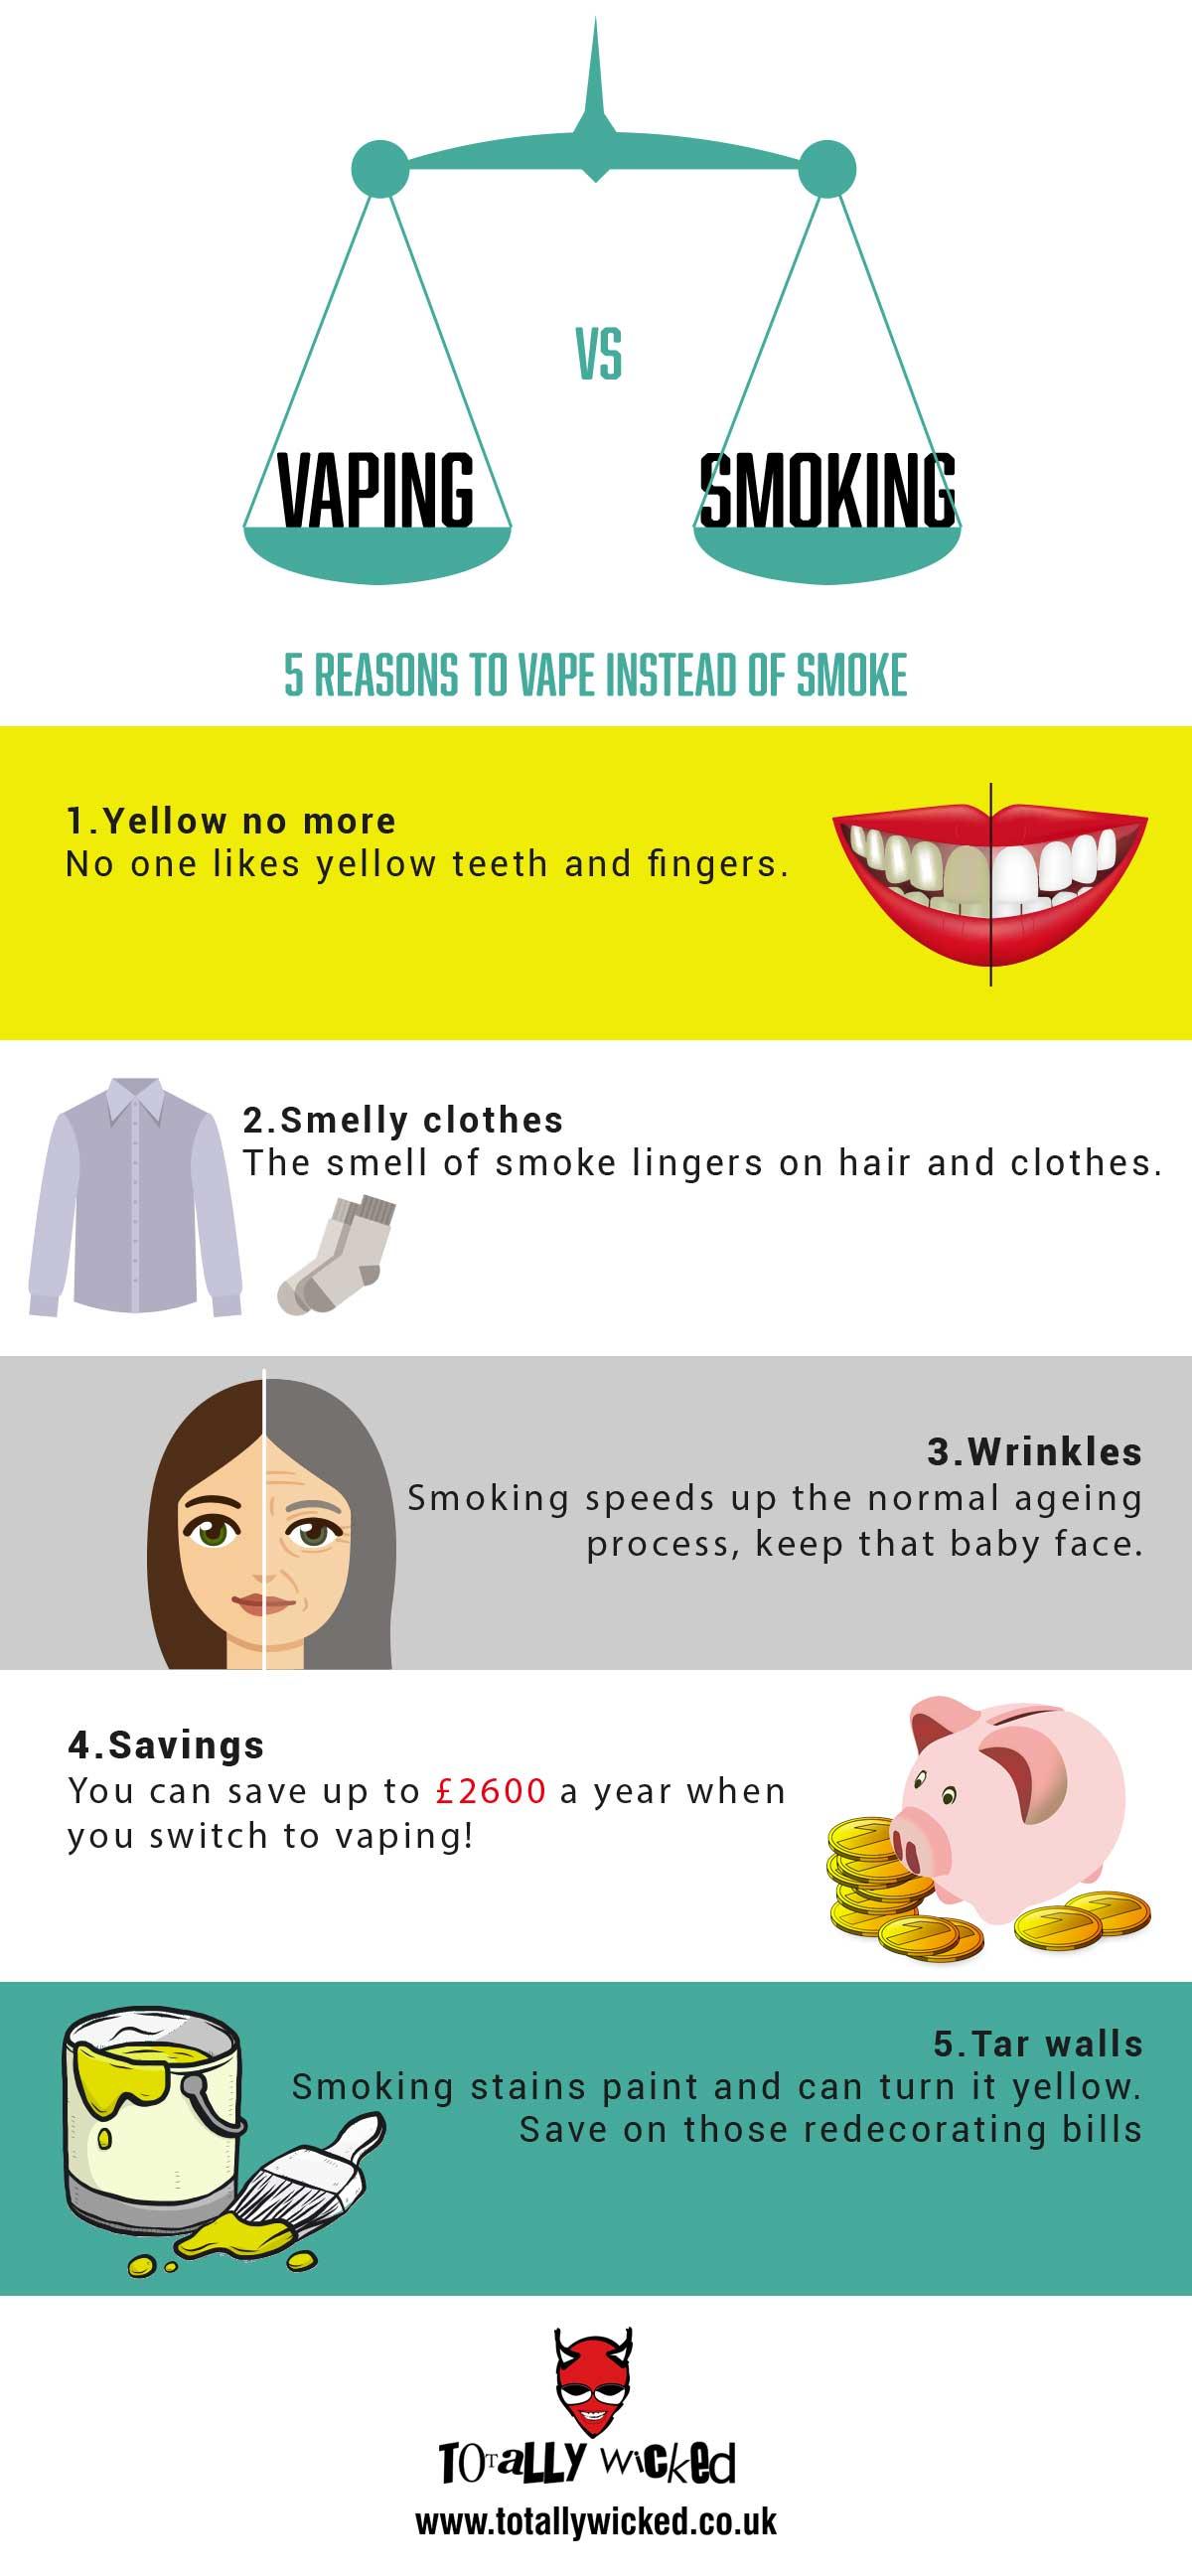 Vaping v smoking infographic